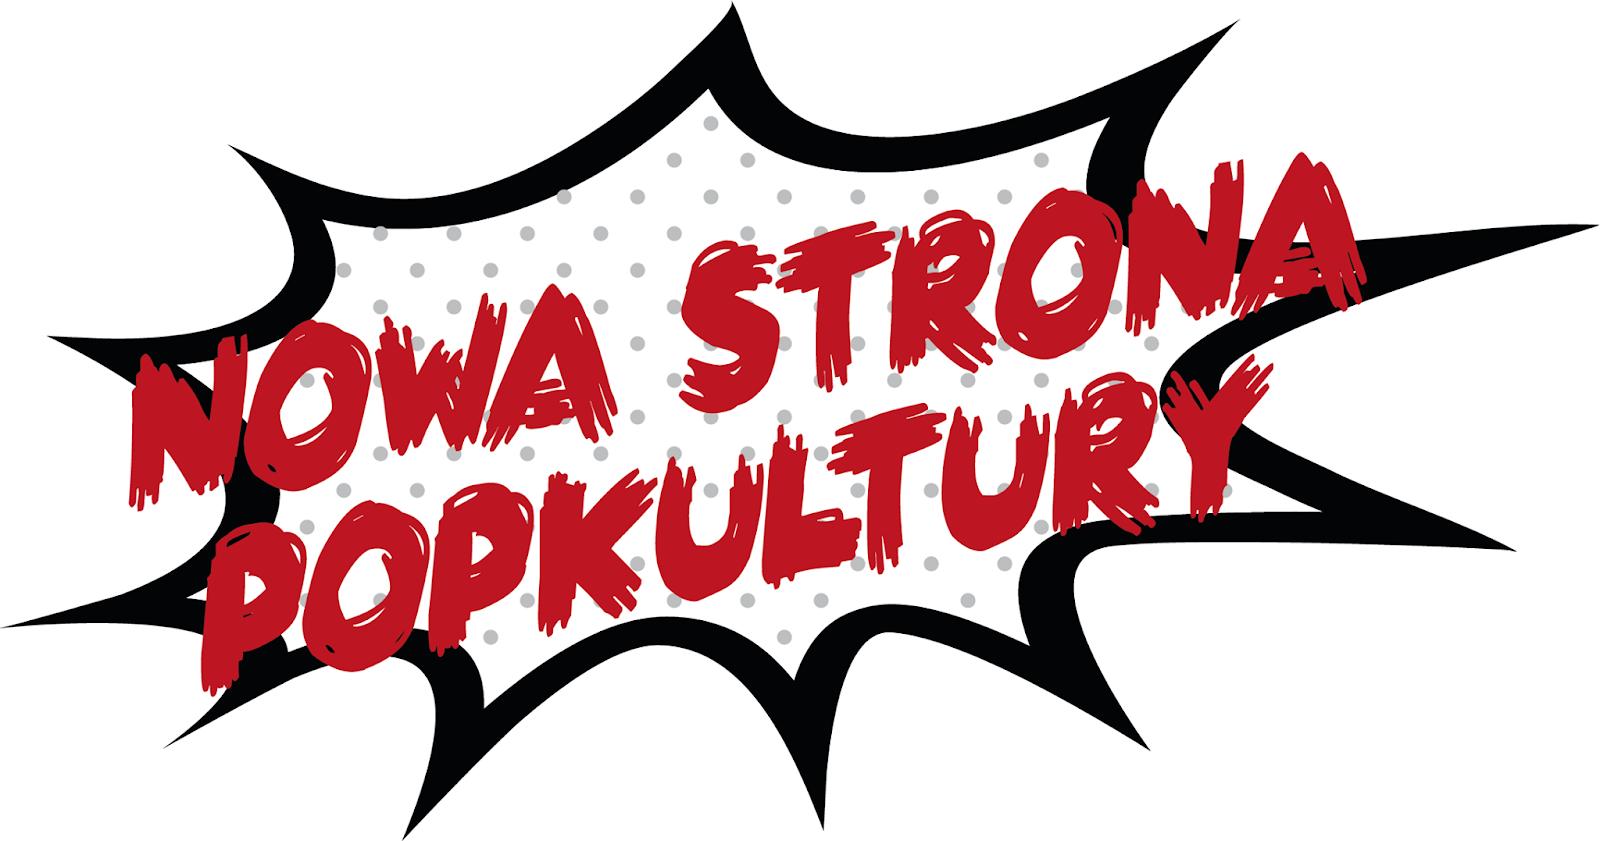 Znalezione obrazy dla zapytania nowa strona popkultury logo